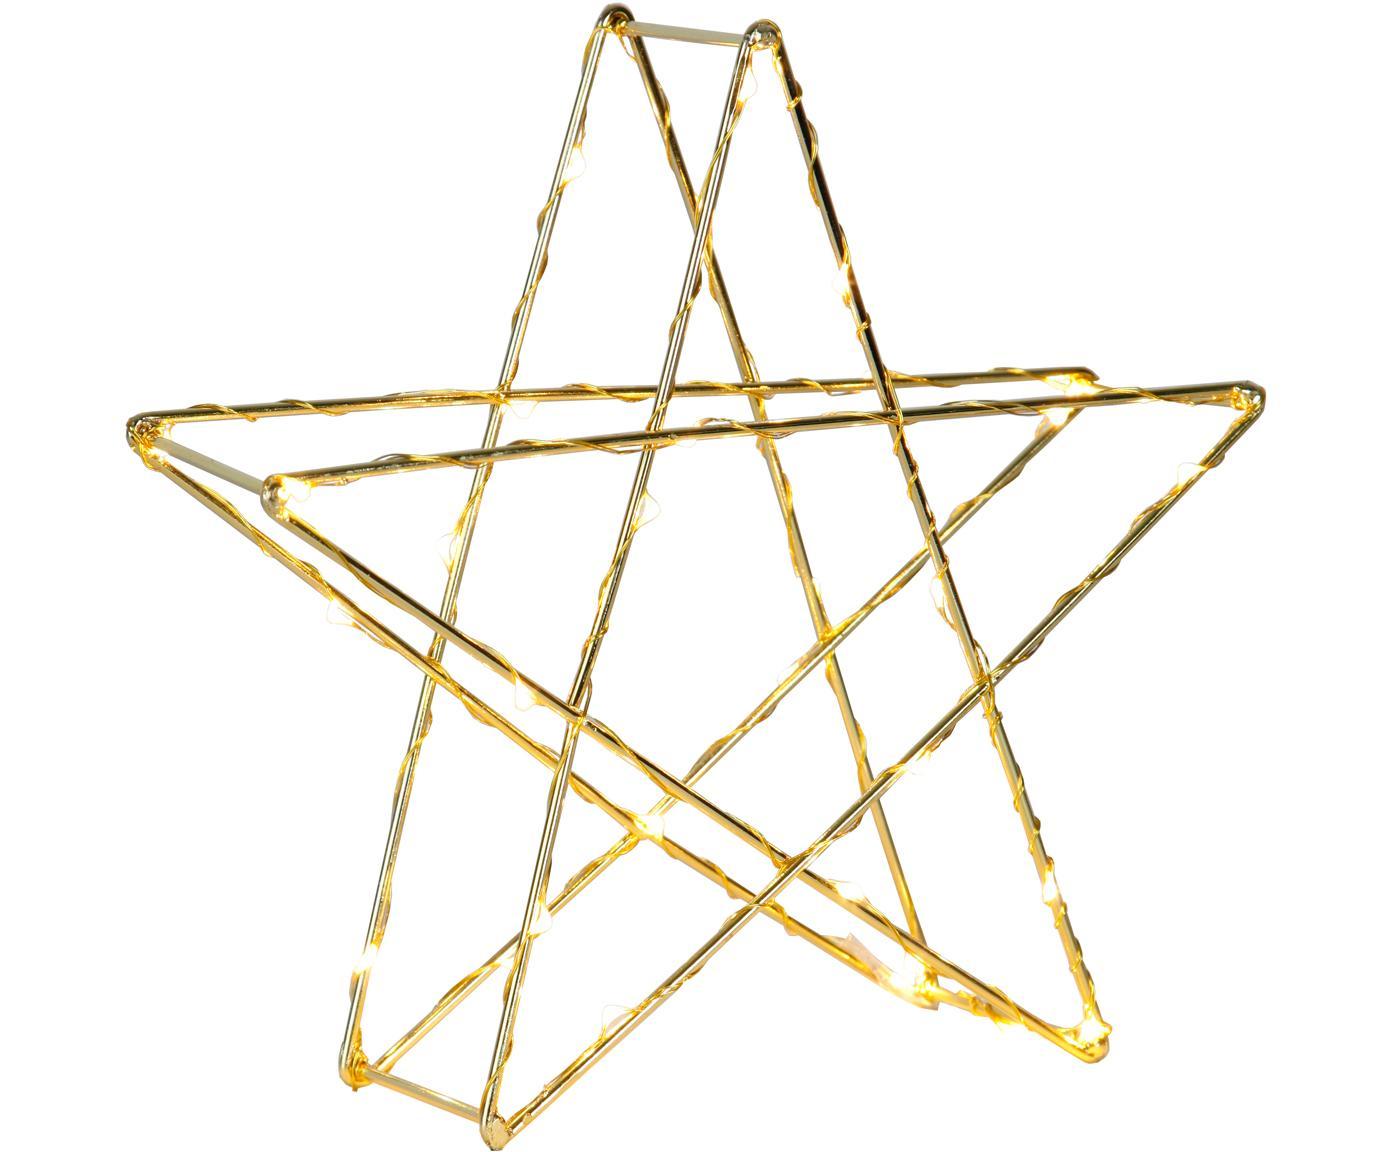 LED Leuchtobjekt Stern, batteriebetrieben, Goldfarben, 25 x 25 cm